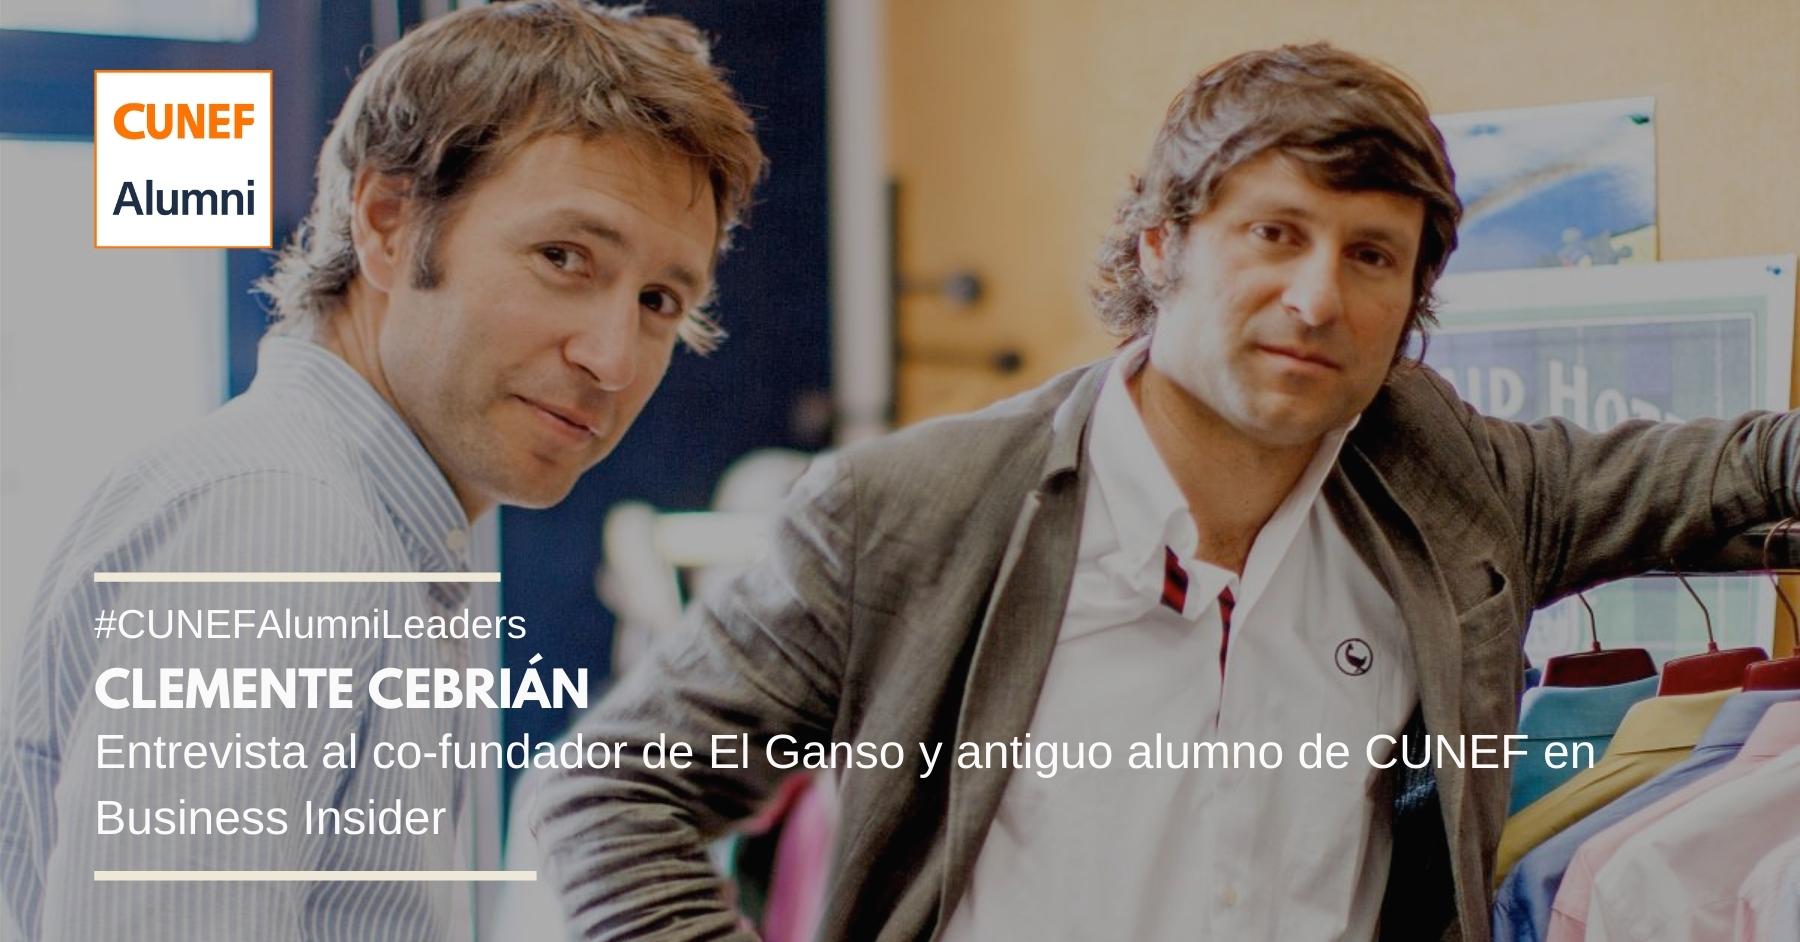 Clemente Cebrián, co-fundador de El Ganso, entrevistado en Business Insider - CUNEF Alumni